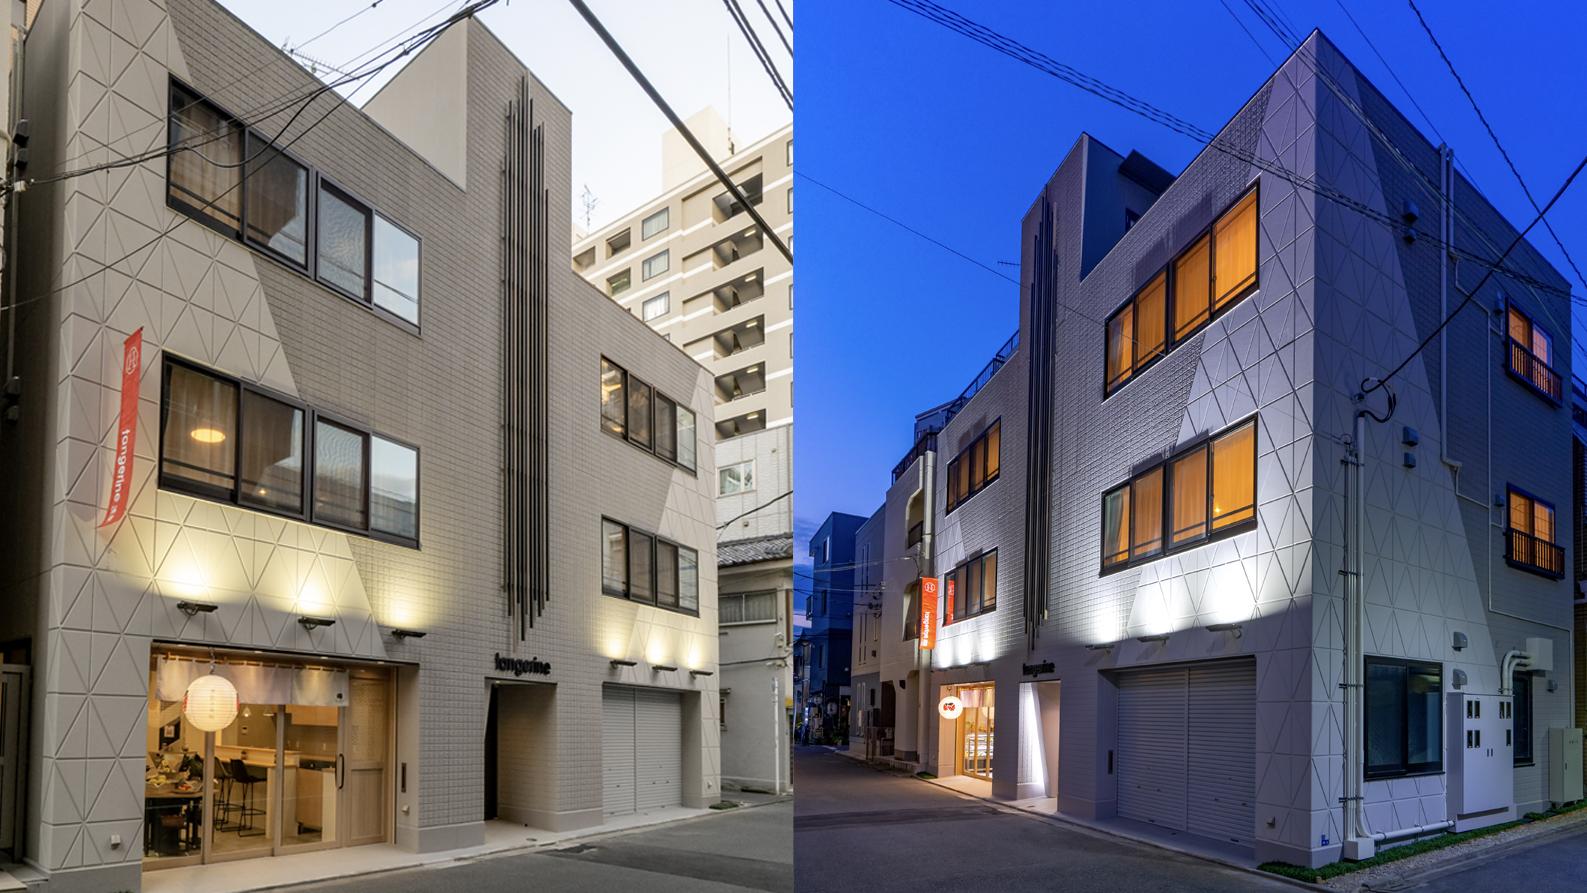 住宅街に馴染む色味とモダンデザインの外観